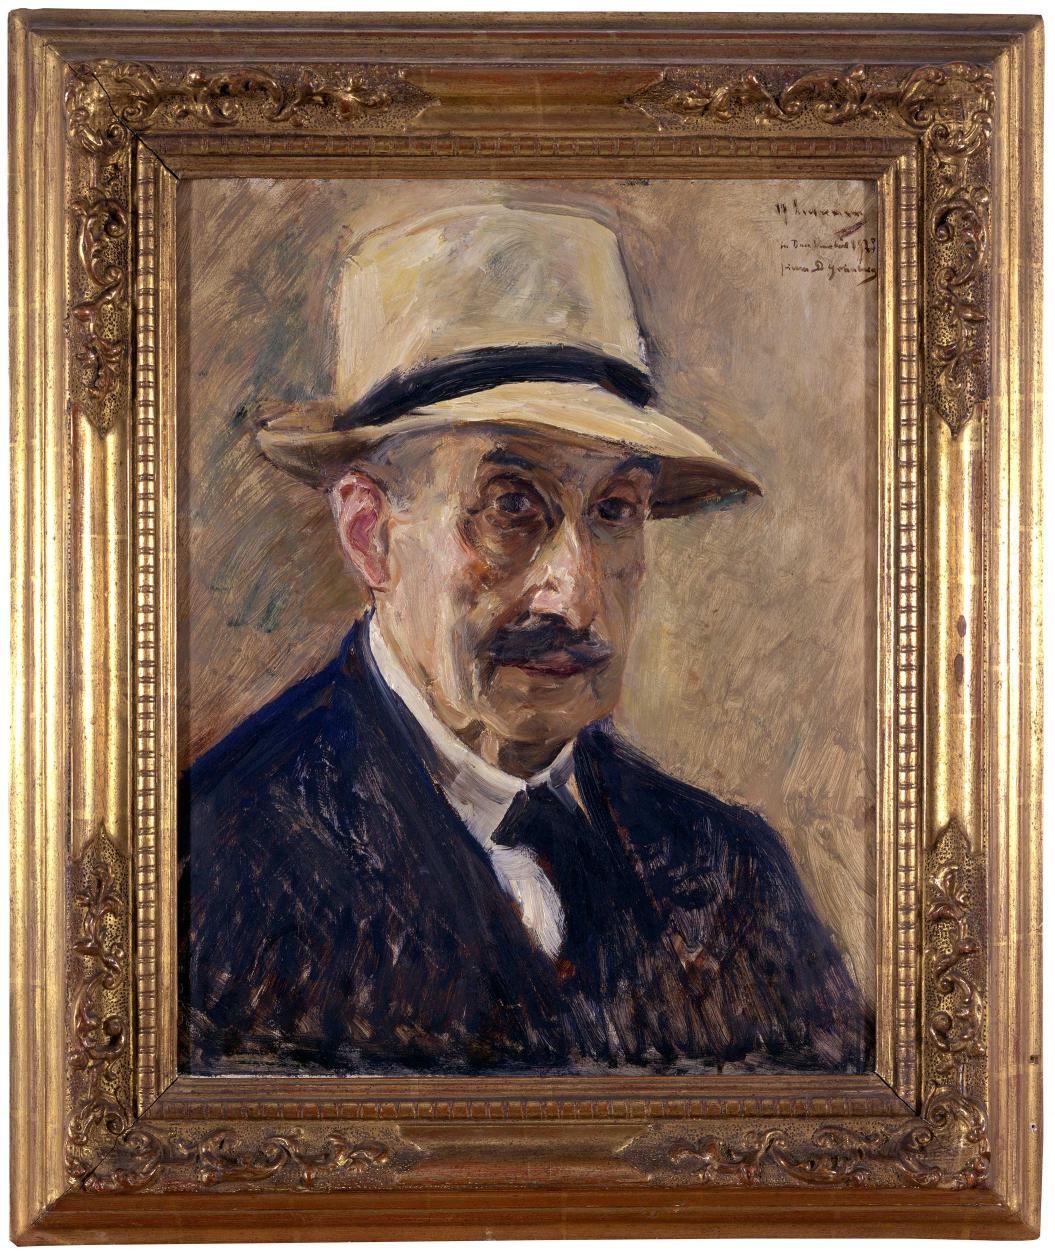 Gemälde eines älteren Mannes im Anzug und Strohhut